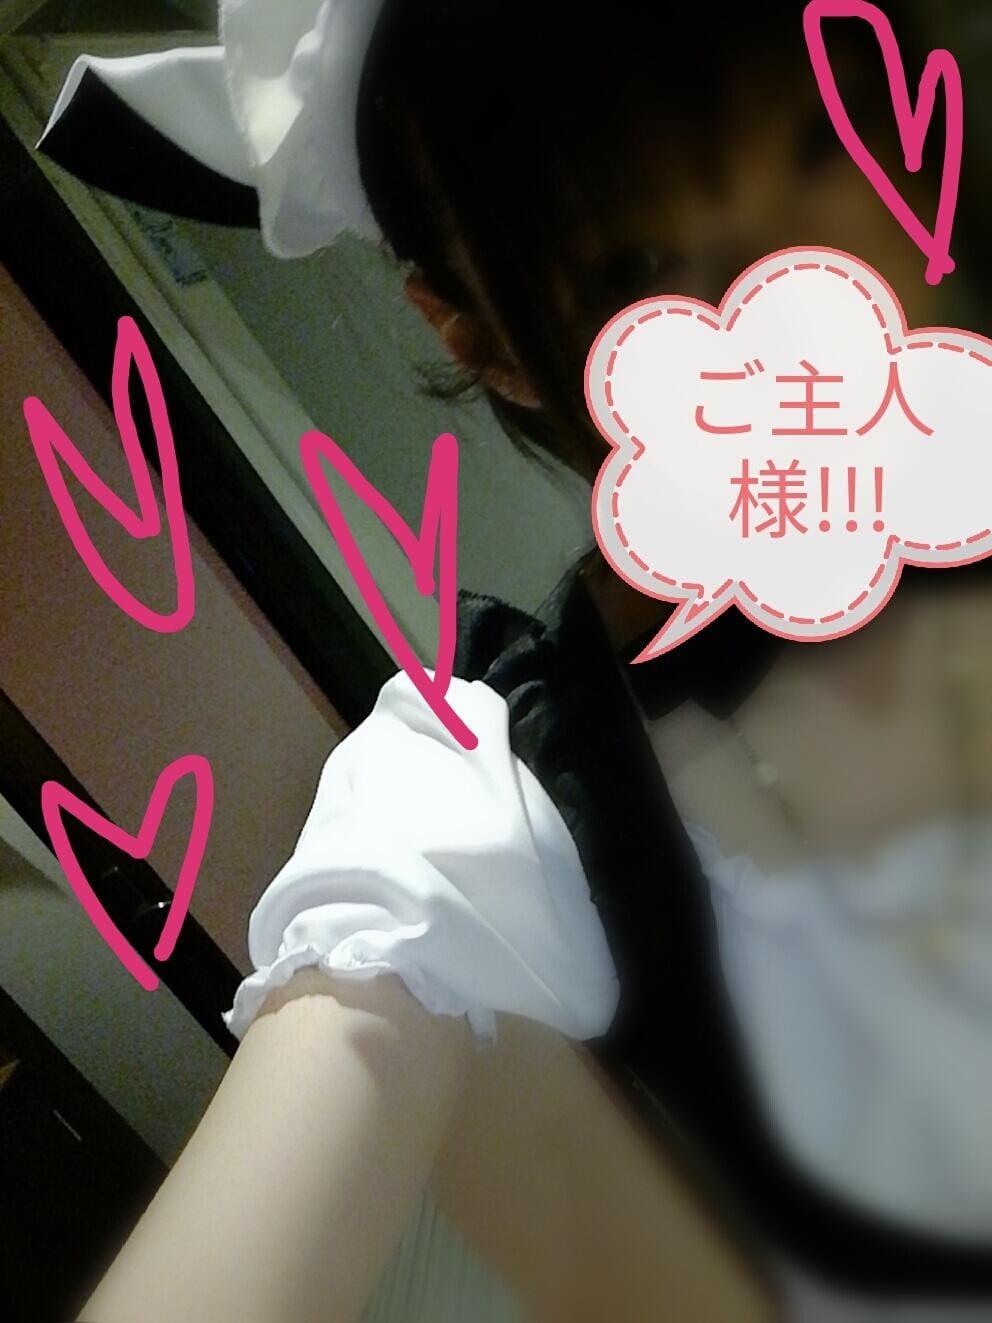 「ココのお兄様☆」08/12(08/12) 21:05   さやかの写メ・風俗動画